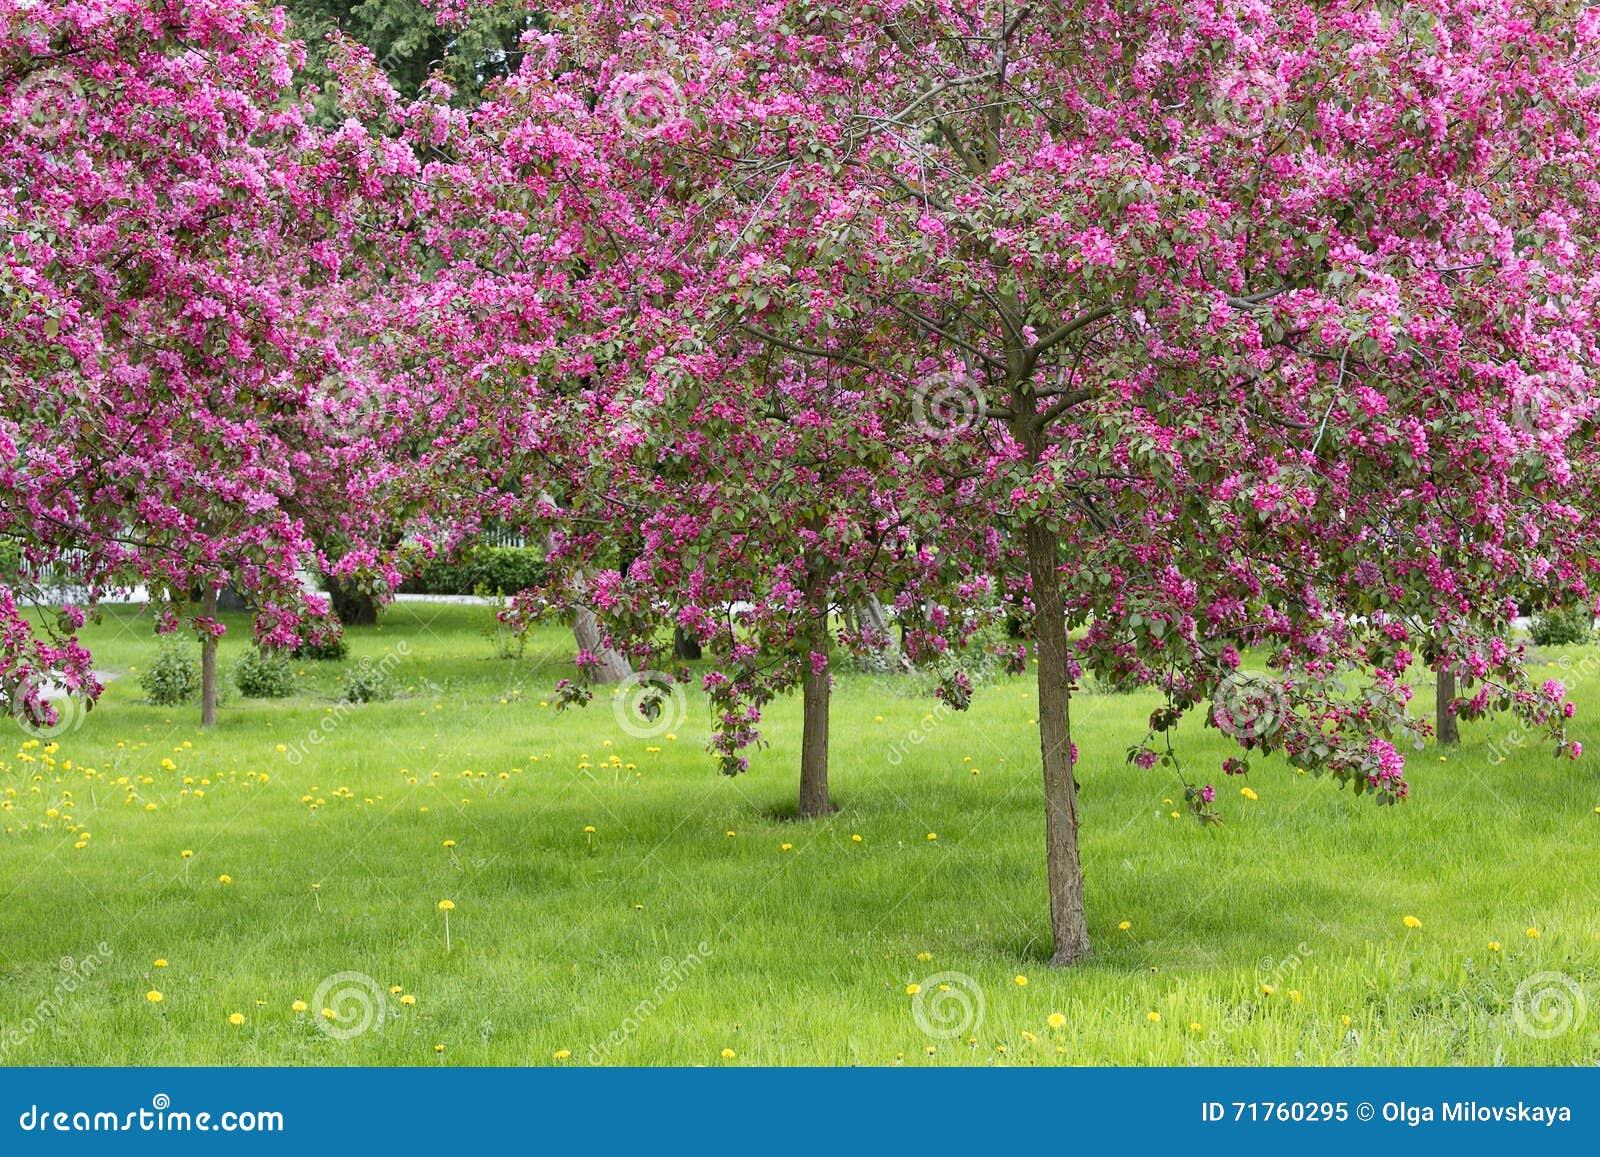 Schöne Blühende Bäume Im Frühjahr Stockbild Bild Von Grün Schön